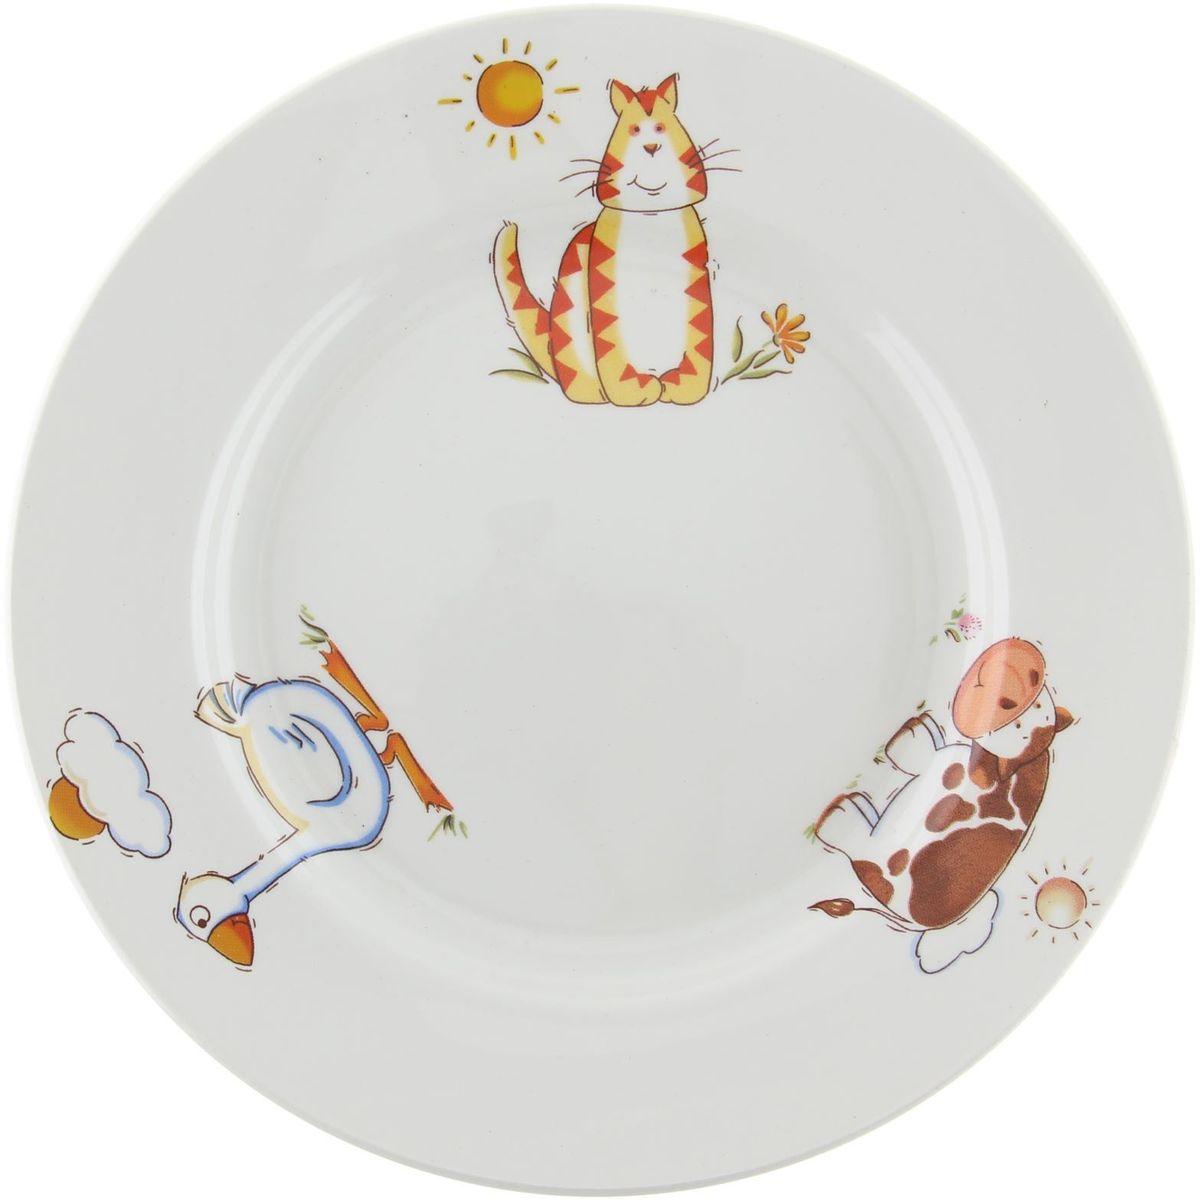 Кубаньфарфор Тарелка детская Зоопарк 13013751301375Фаянсовая детская посуда с забавным рисунком понравится каждому малышу. Изделие из качественного материала станет правильным выбором для повседневной эксплуатации и поможет превратить каждый прием пищи в радостное приключение.Особенности:- простота мойки,- стойкость к запахам,- насыщенный цвет.